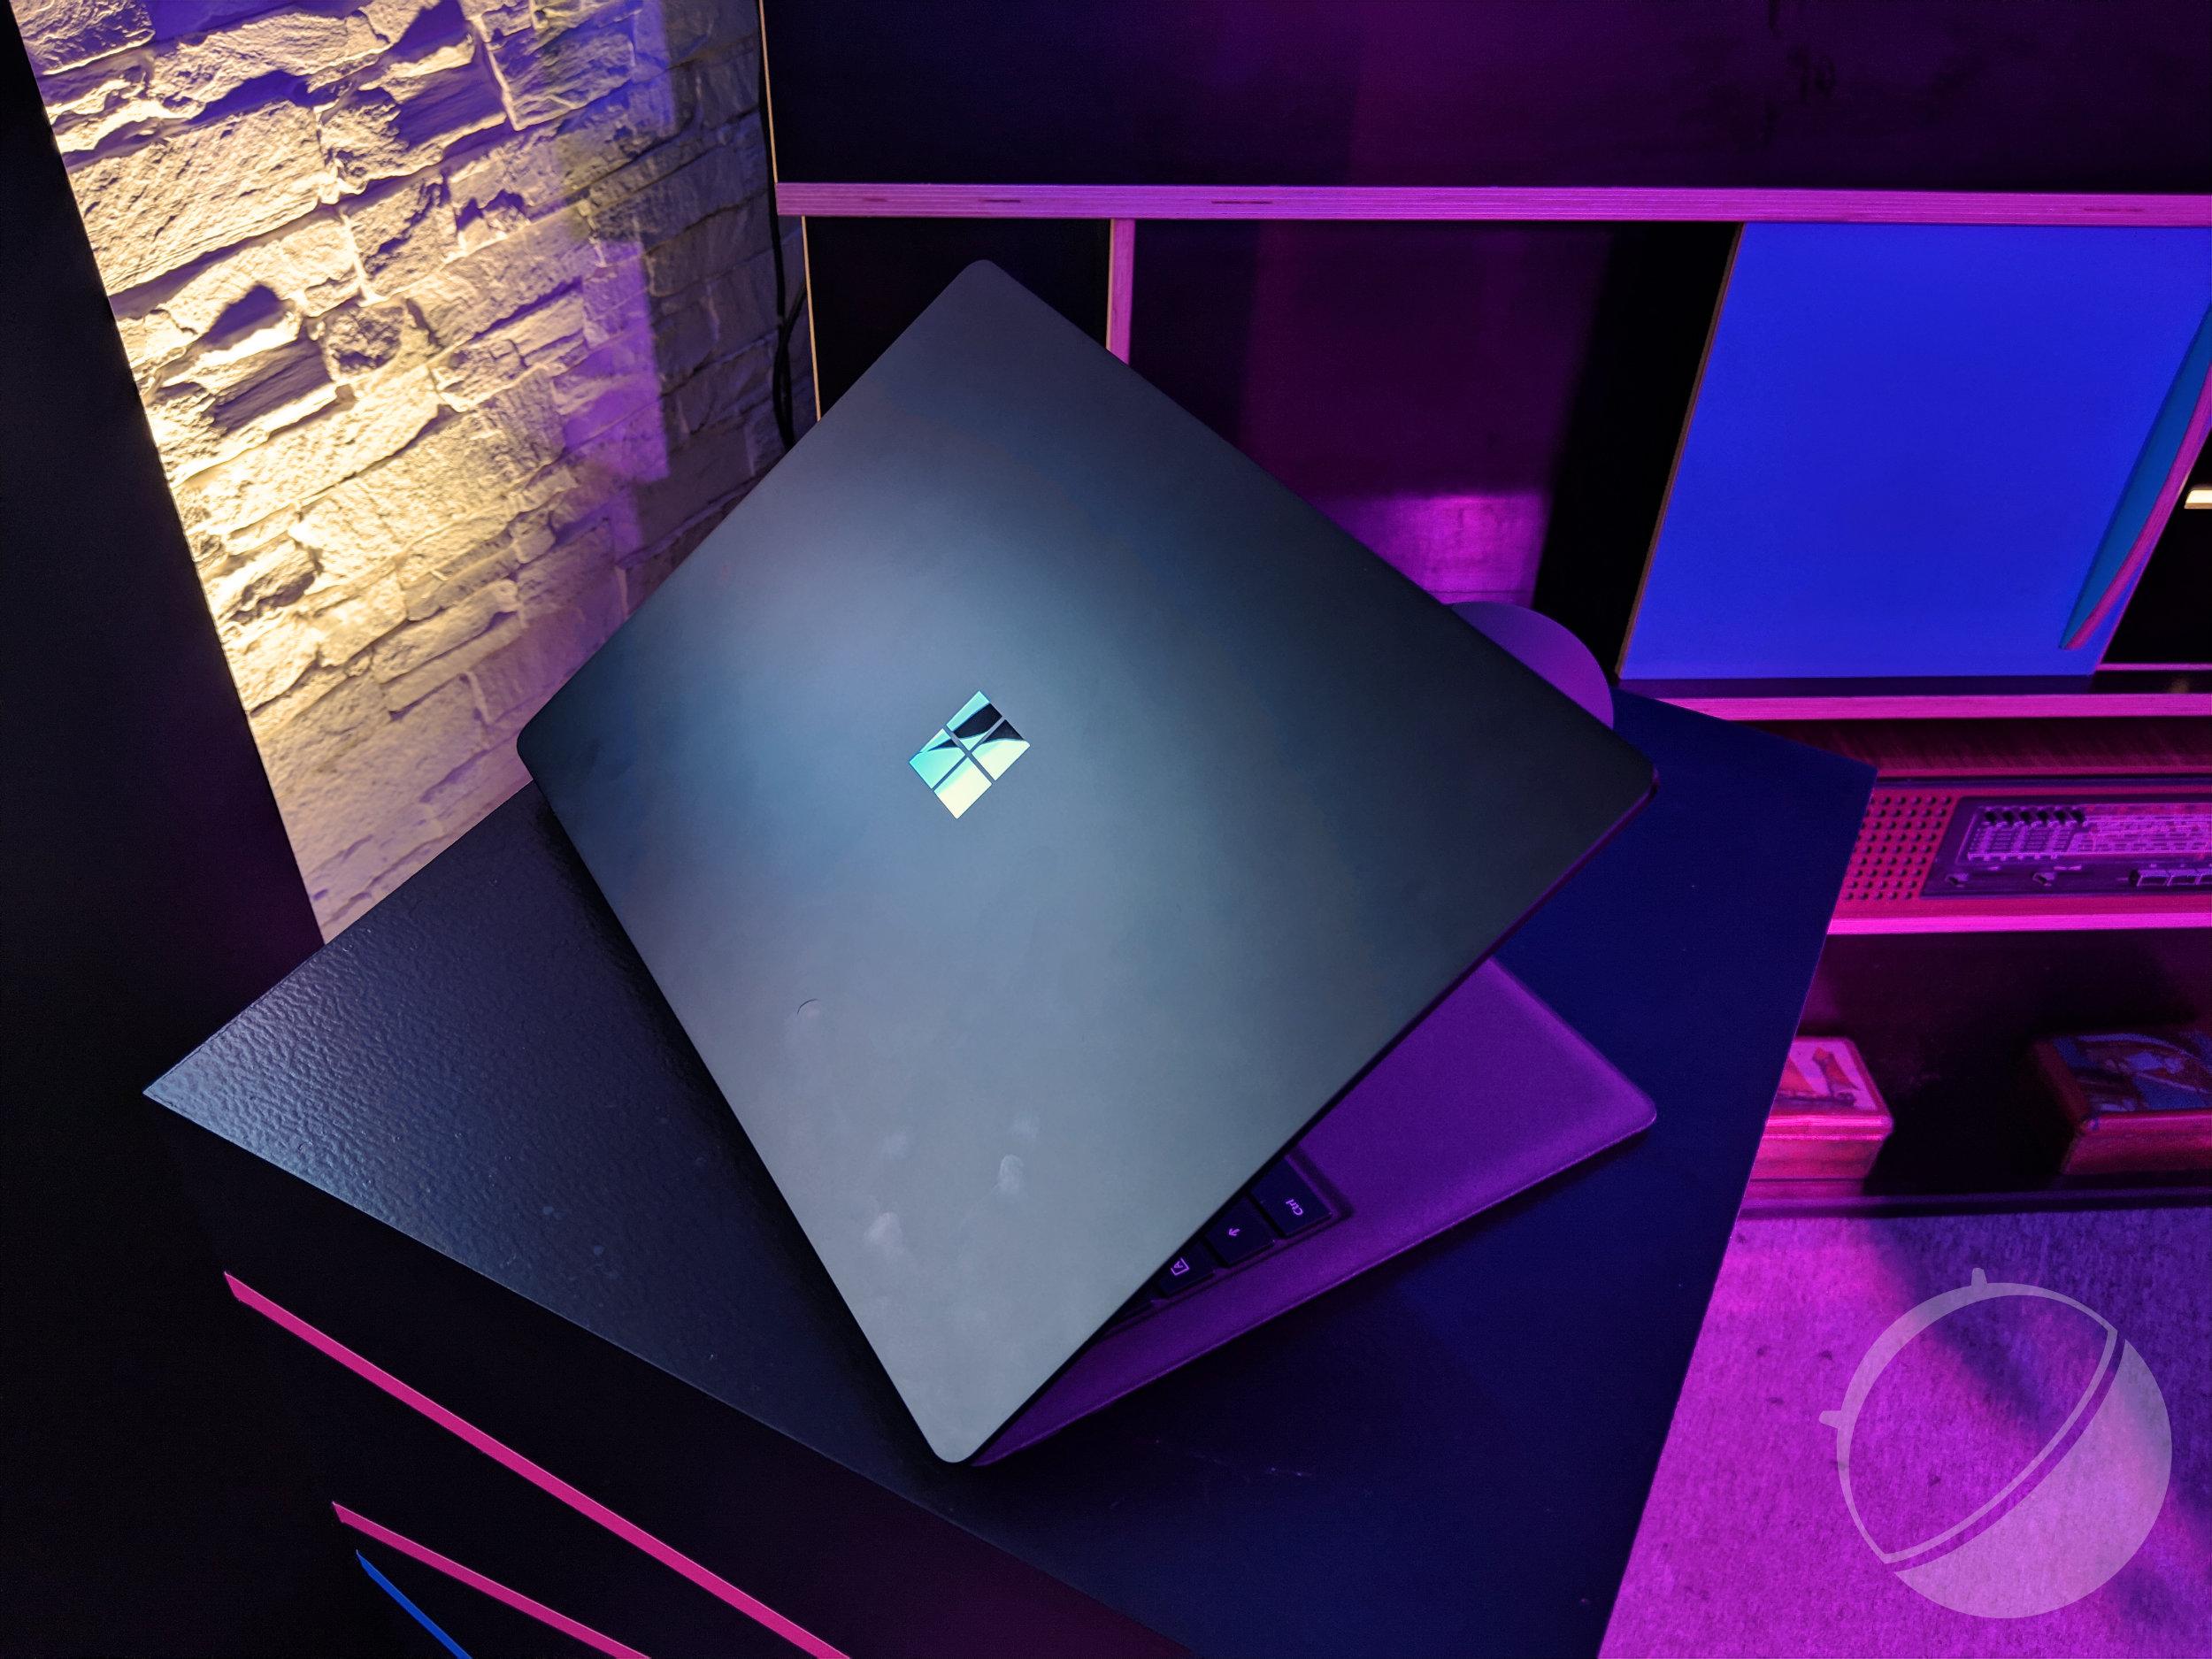 Le Surface Laptop